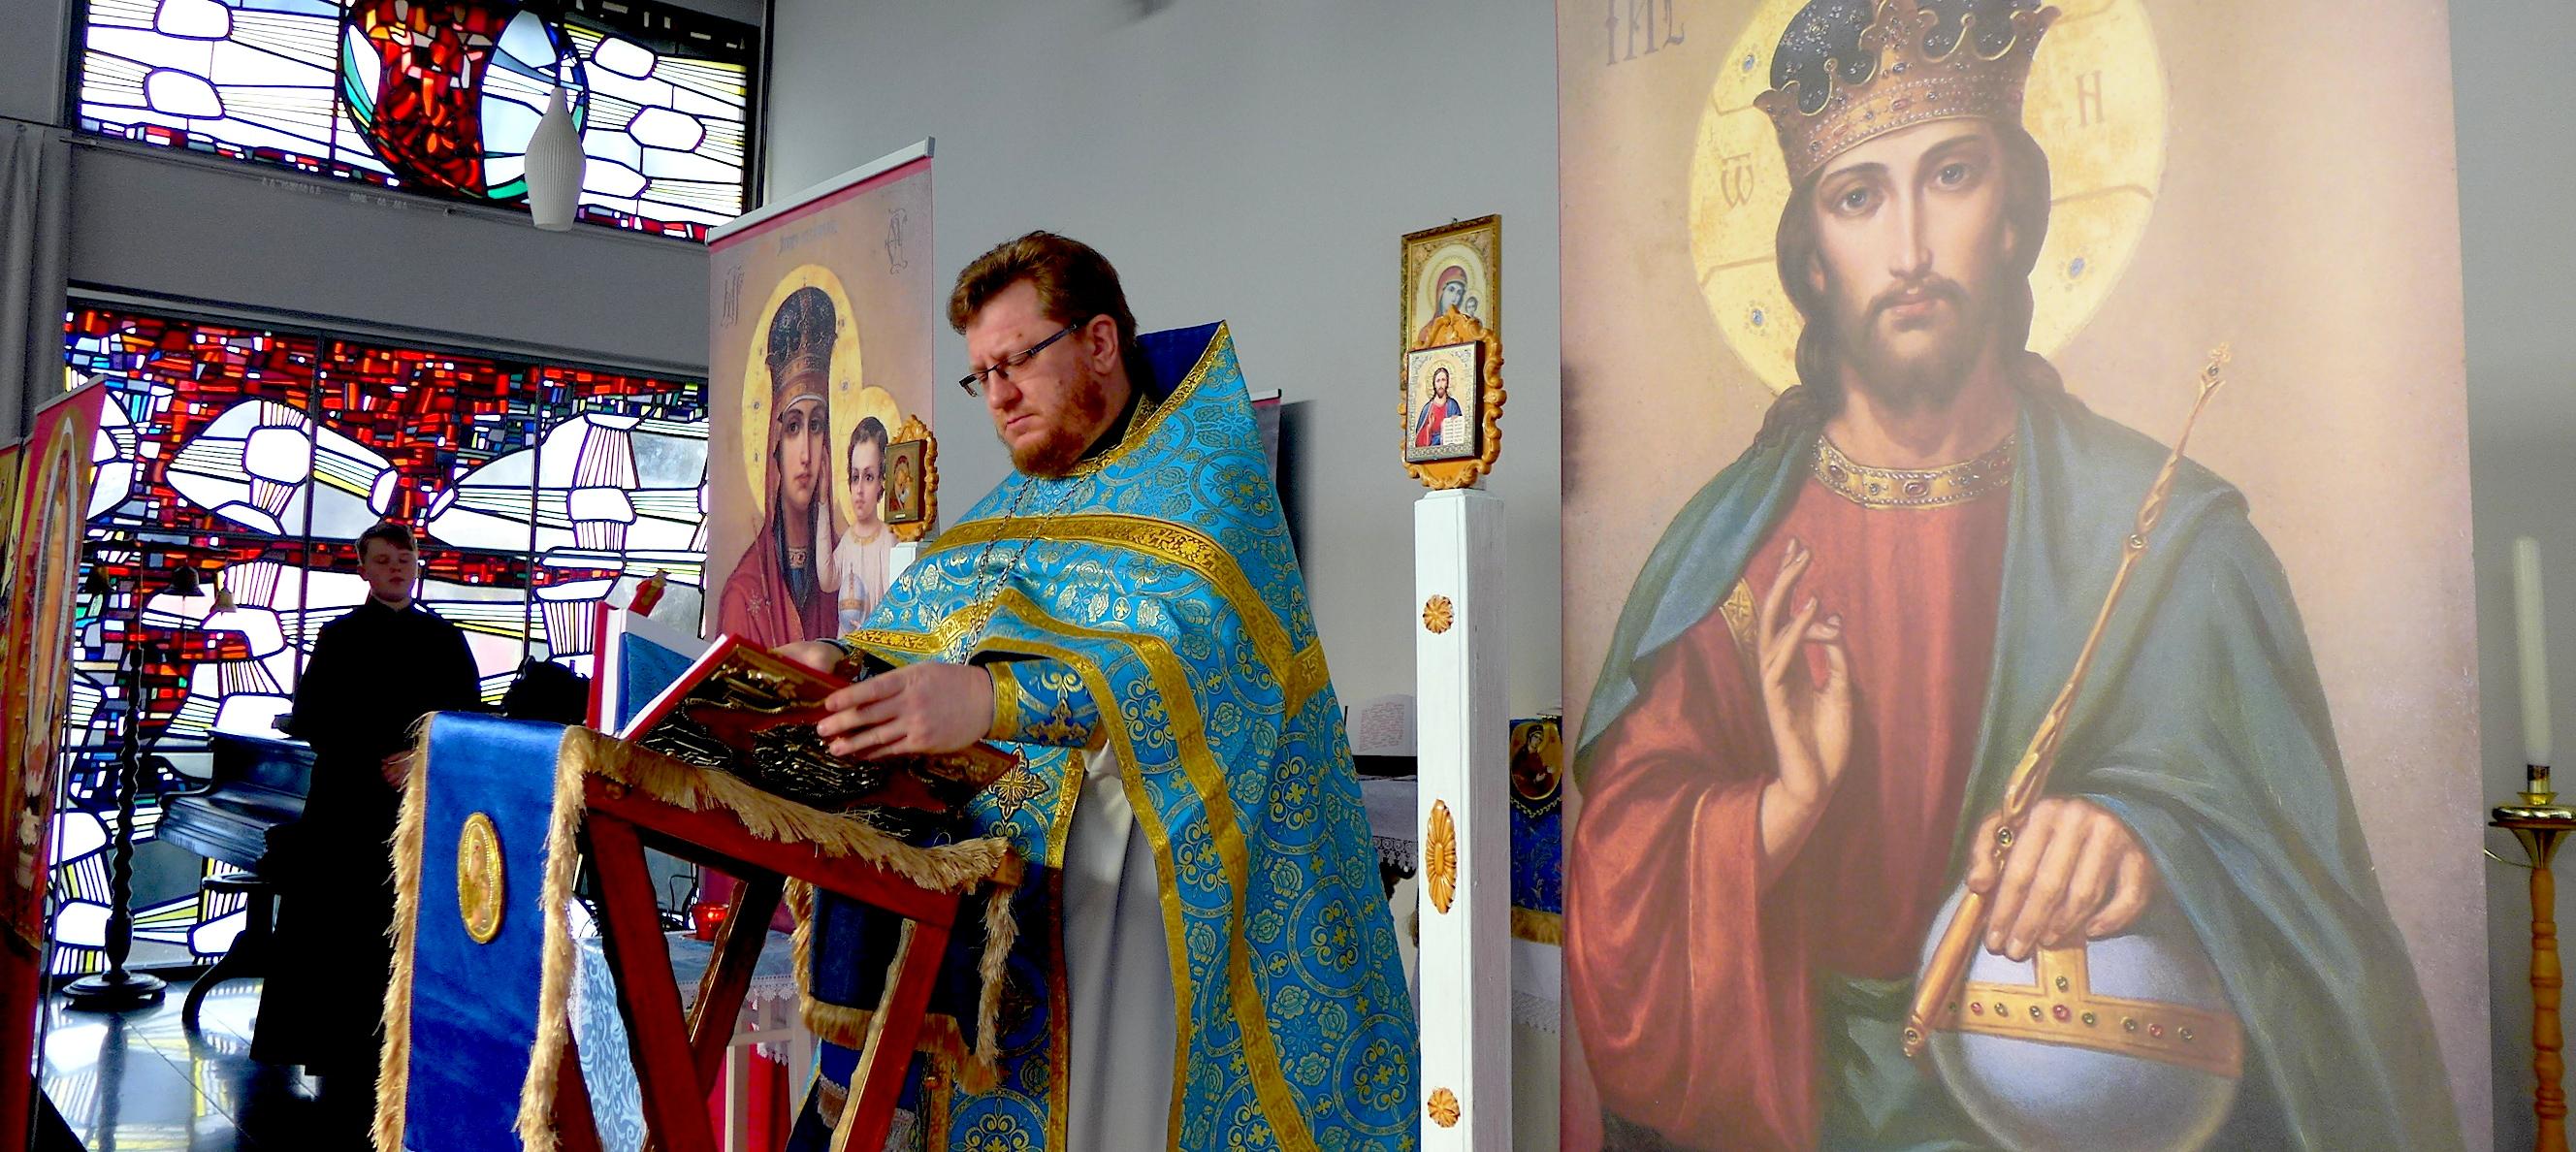 Сретение Господне в Мёнхенгладбахе: 04 февраля (17 февраля) 2019.